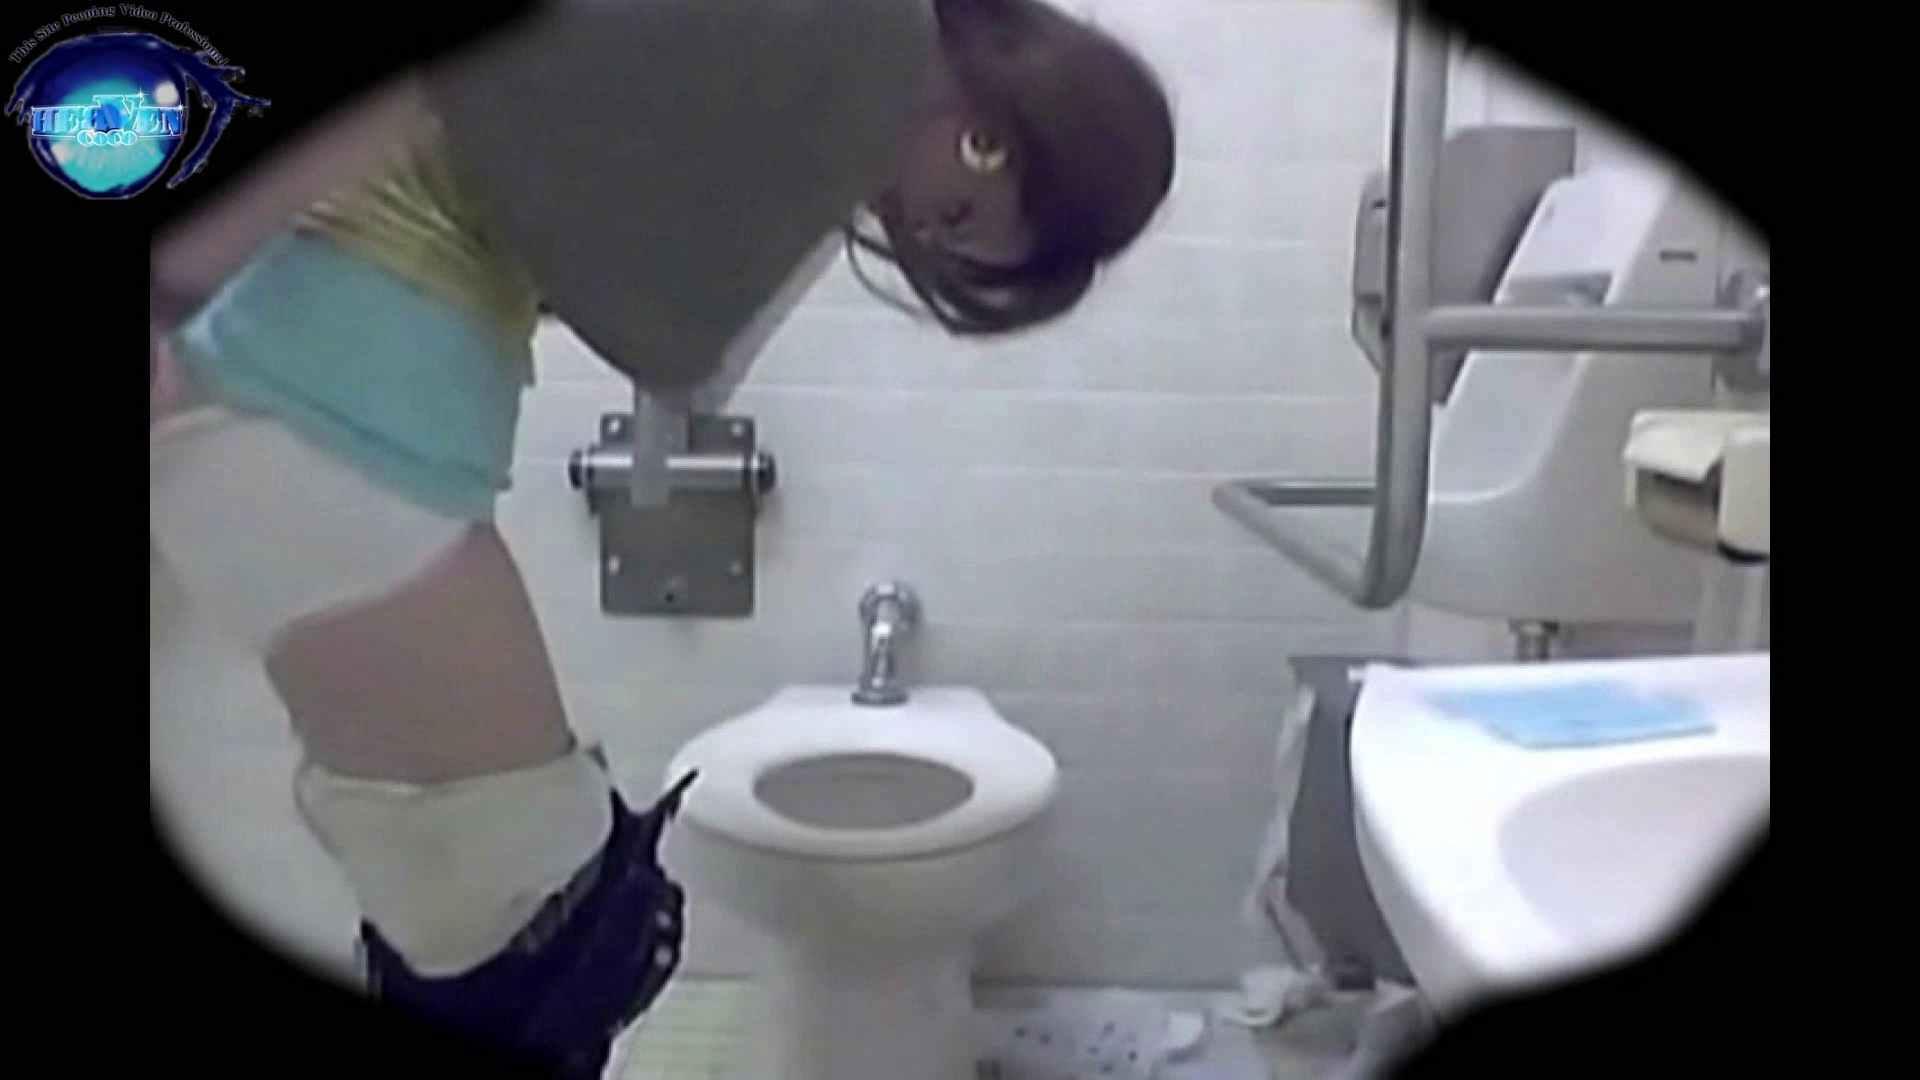 teen galトイレ覗き紙がナイ編‼vol.17 美しいOLの裸体 AV無料動画キャプチャ 90pic 90